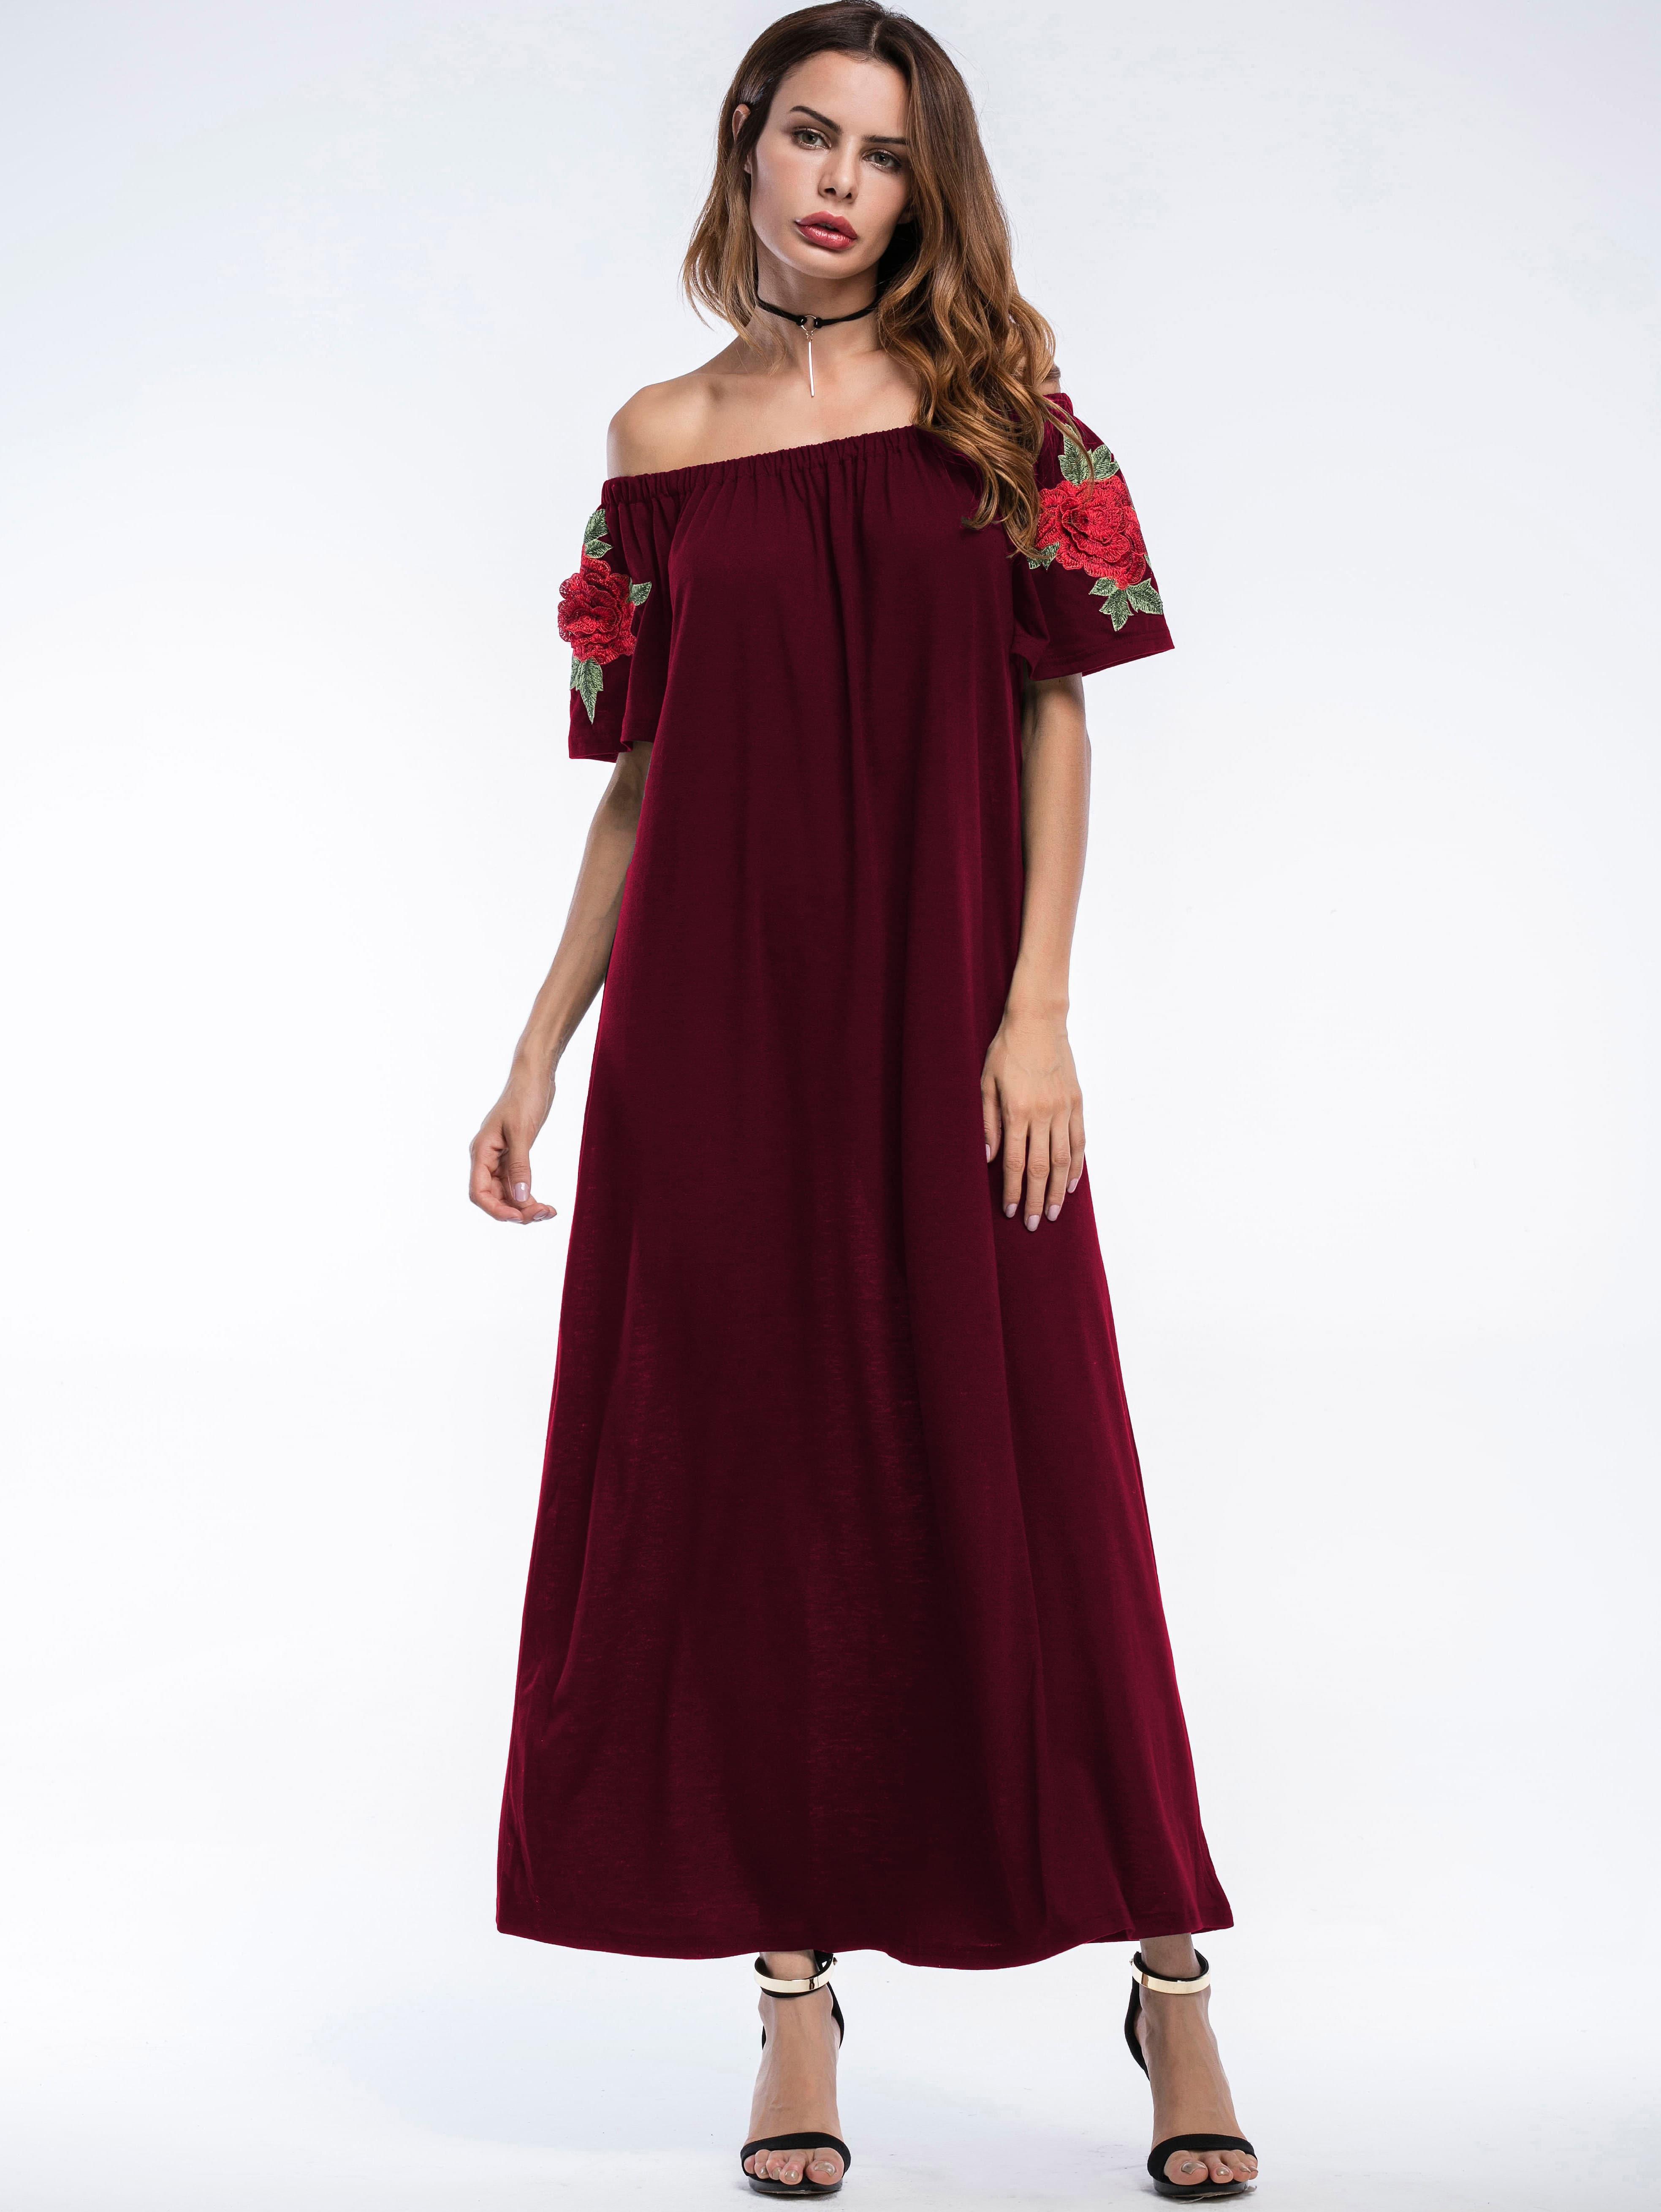 dress170510111_2